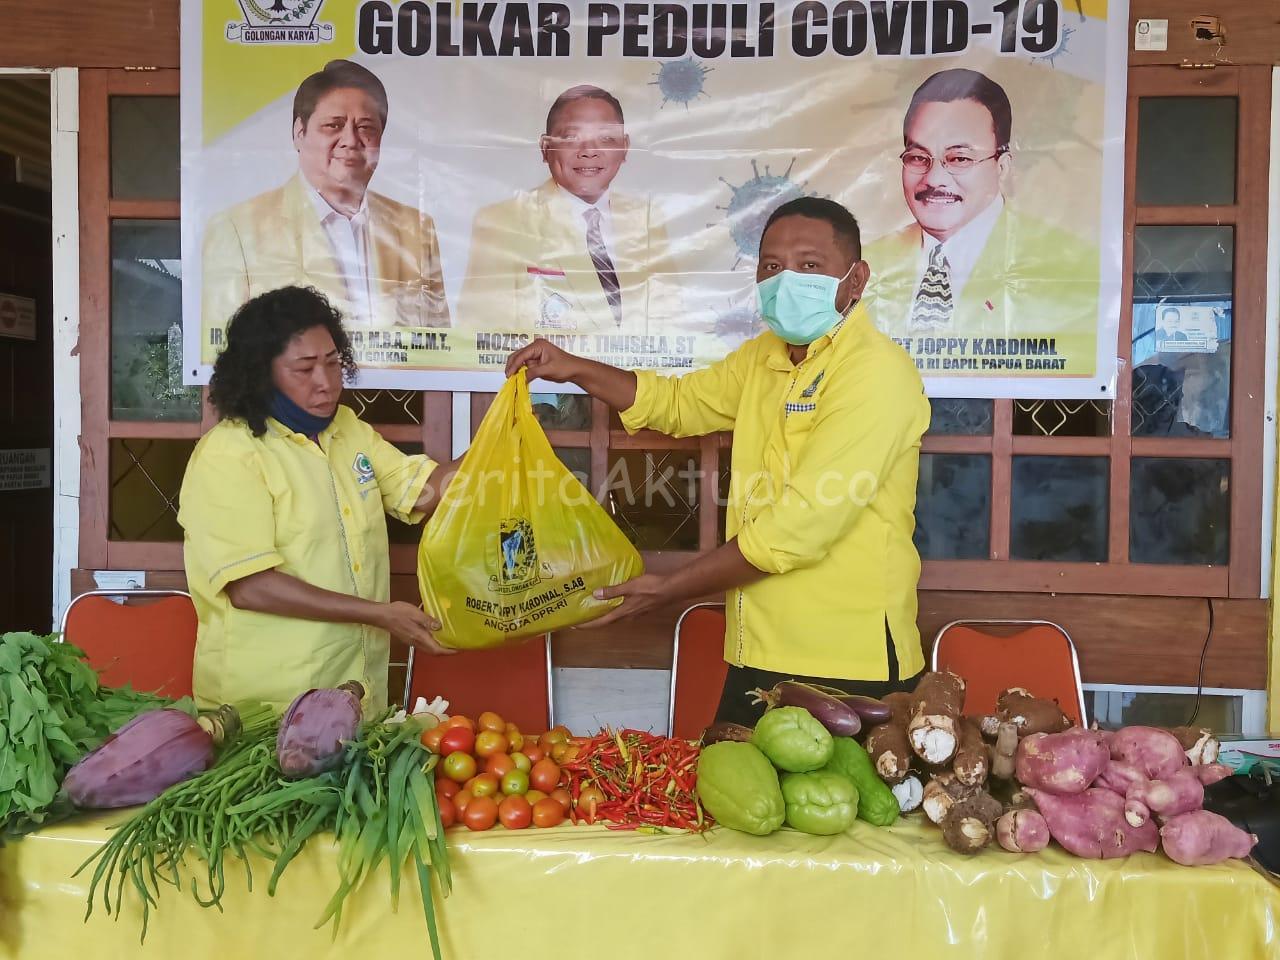 DPD Partai Golkar Papua Barat Bagi 1.000 Paket Pangan Lokal Untuk Masyarakat Manokwari 4 IMG 20200515 WA0035